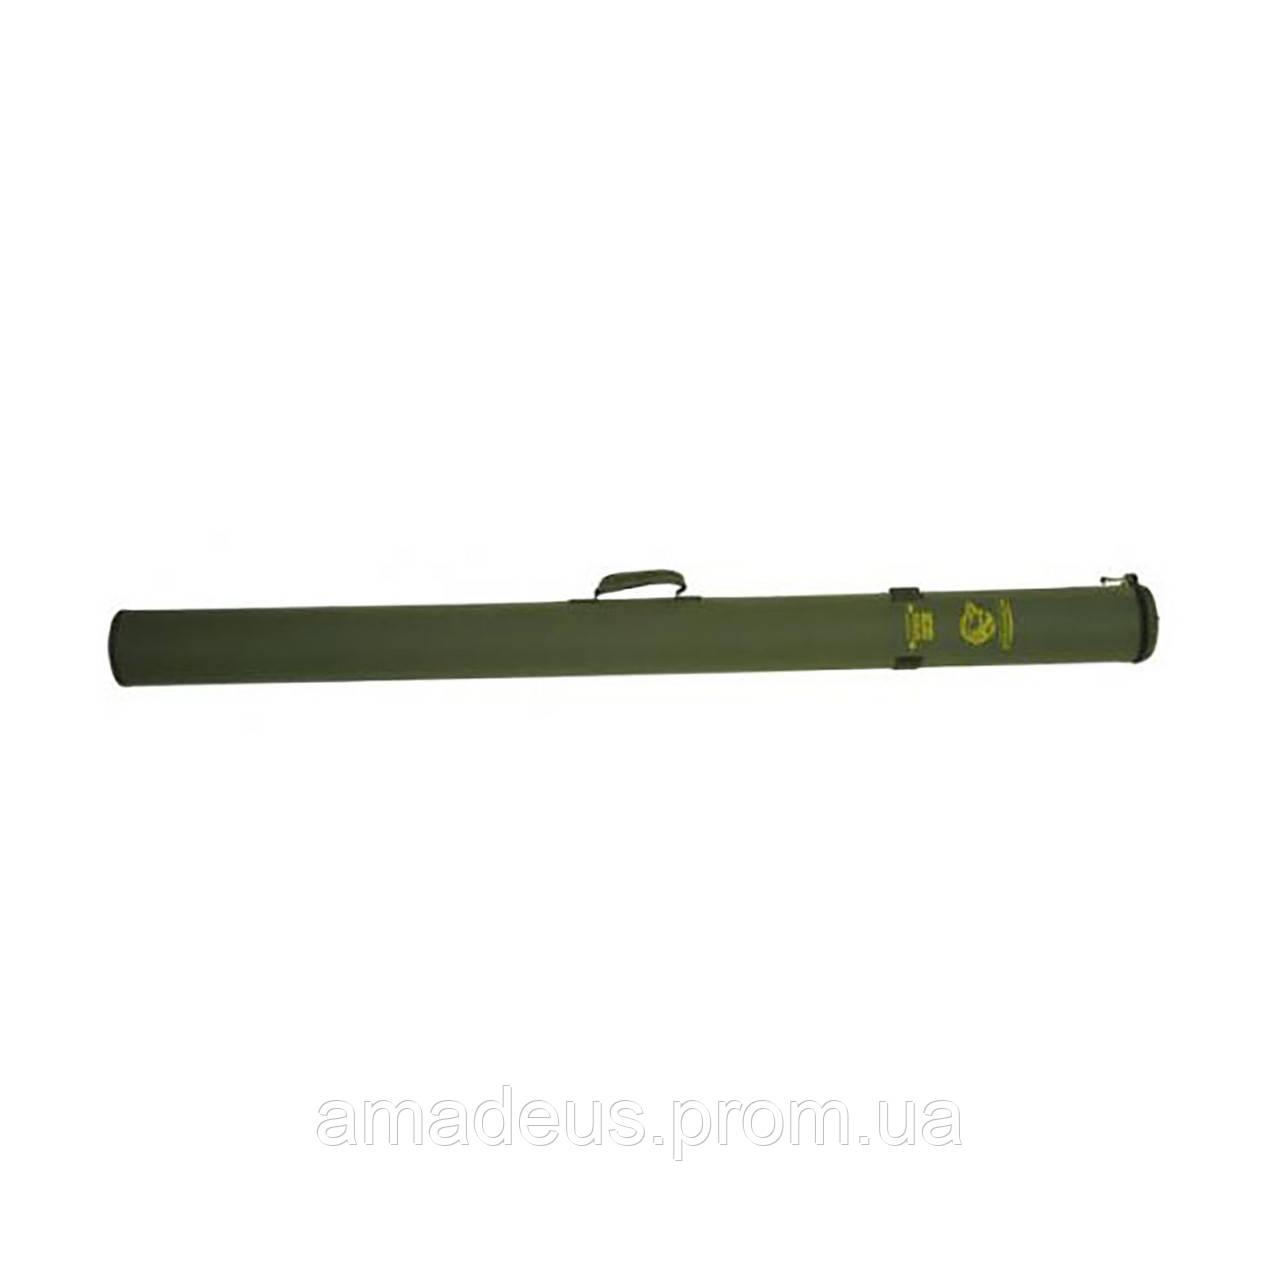 Жесткий тубус для спиннингов и удилищ (160 см) КВ-15а